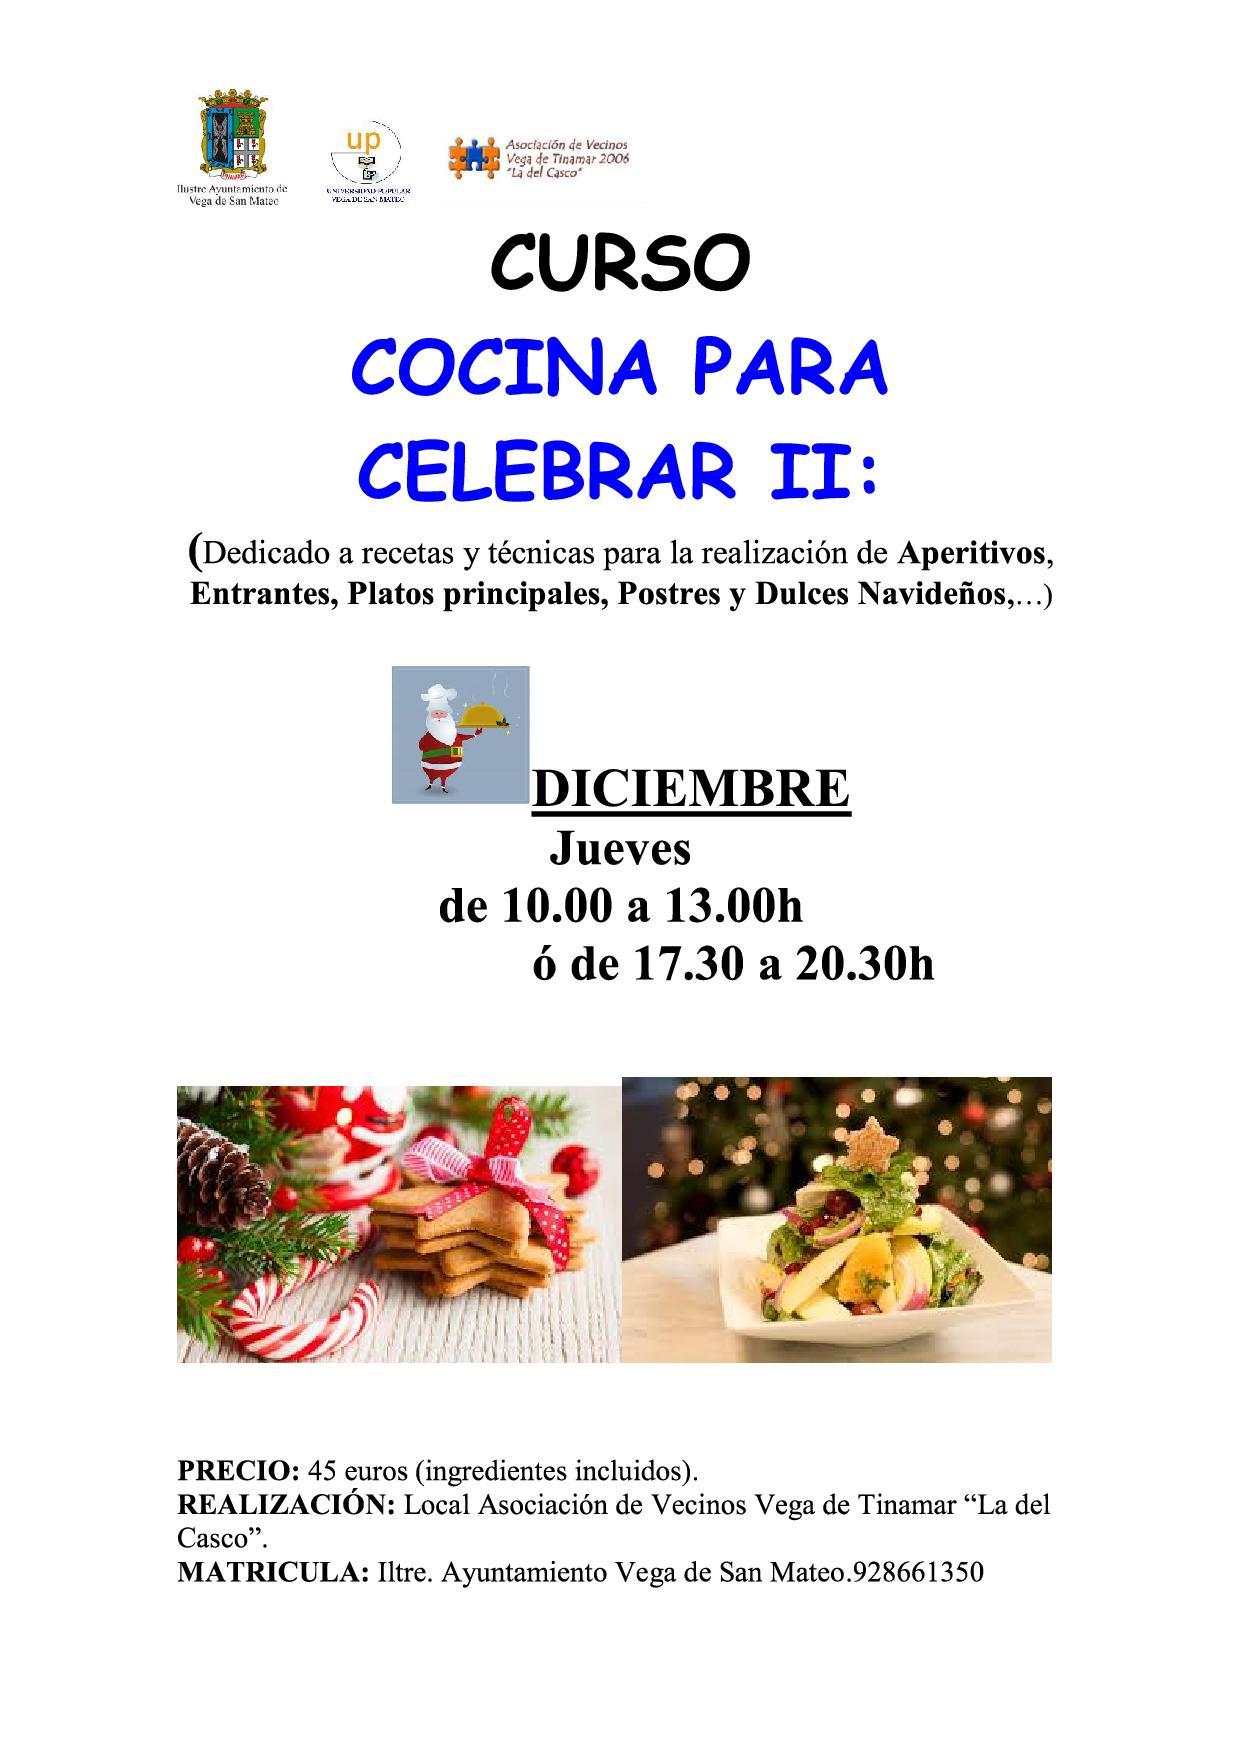 Curso cocina para celebrar UP San Mateo 2016